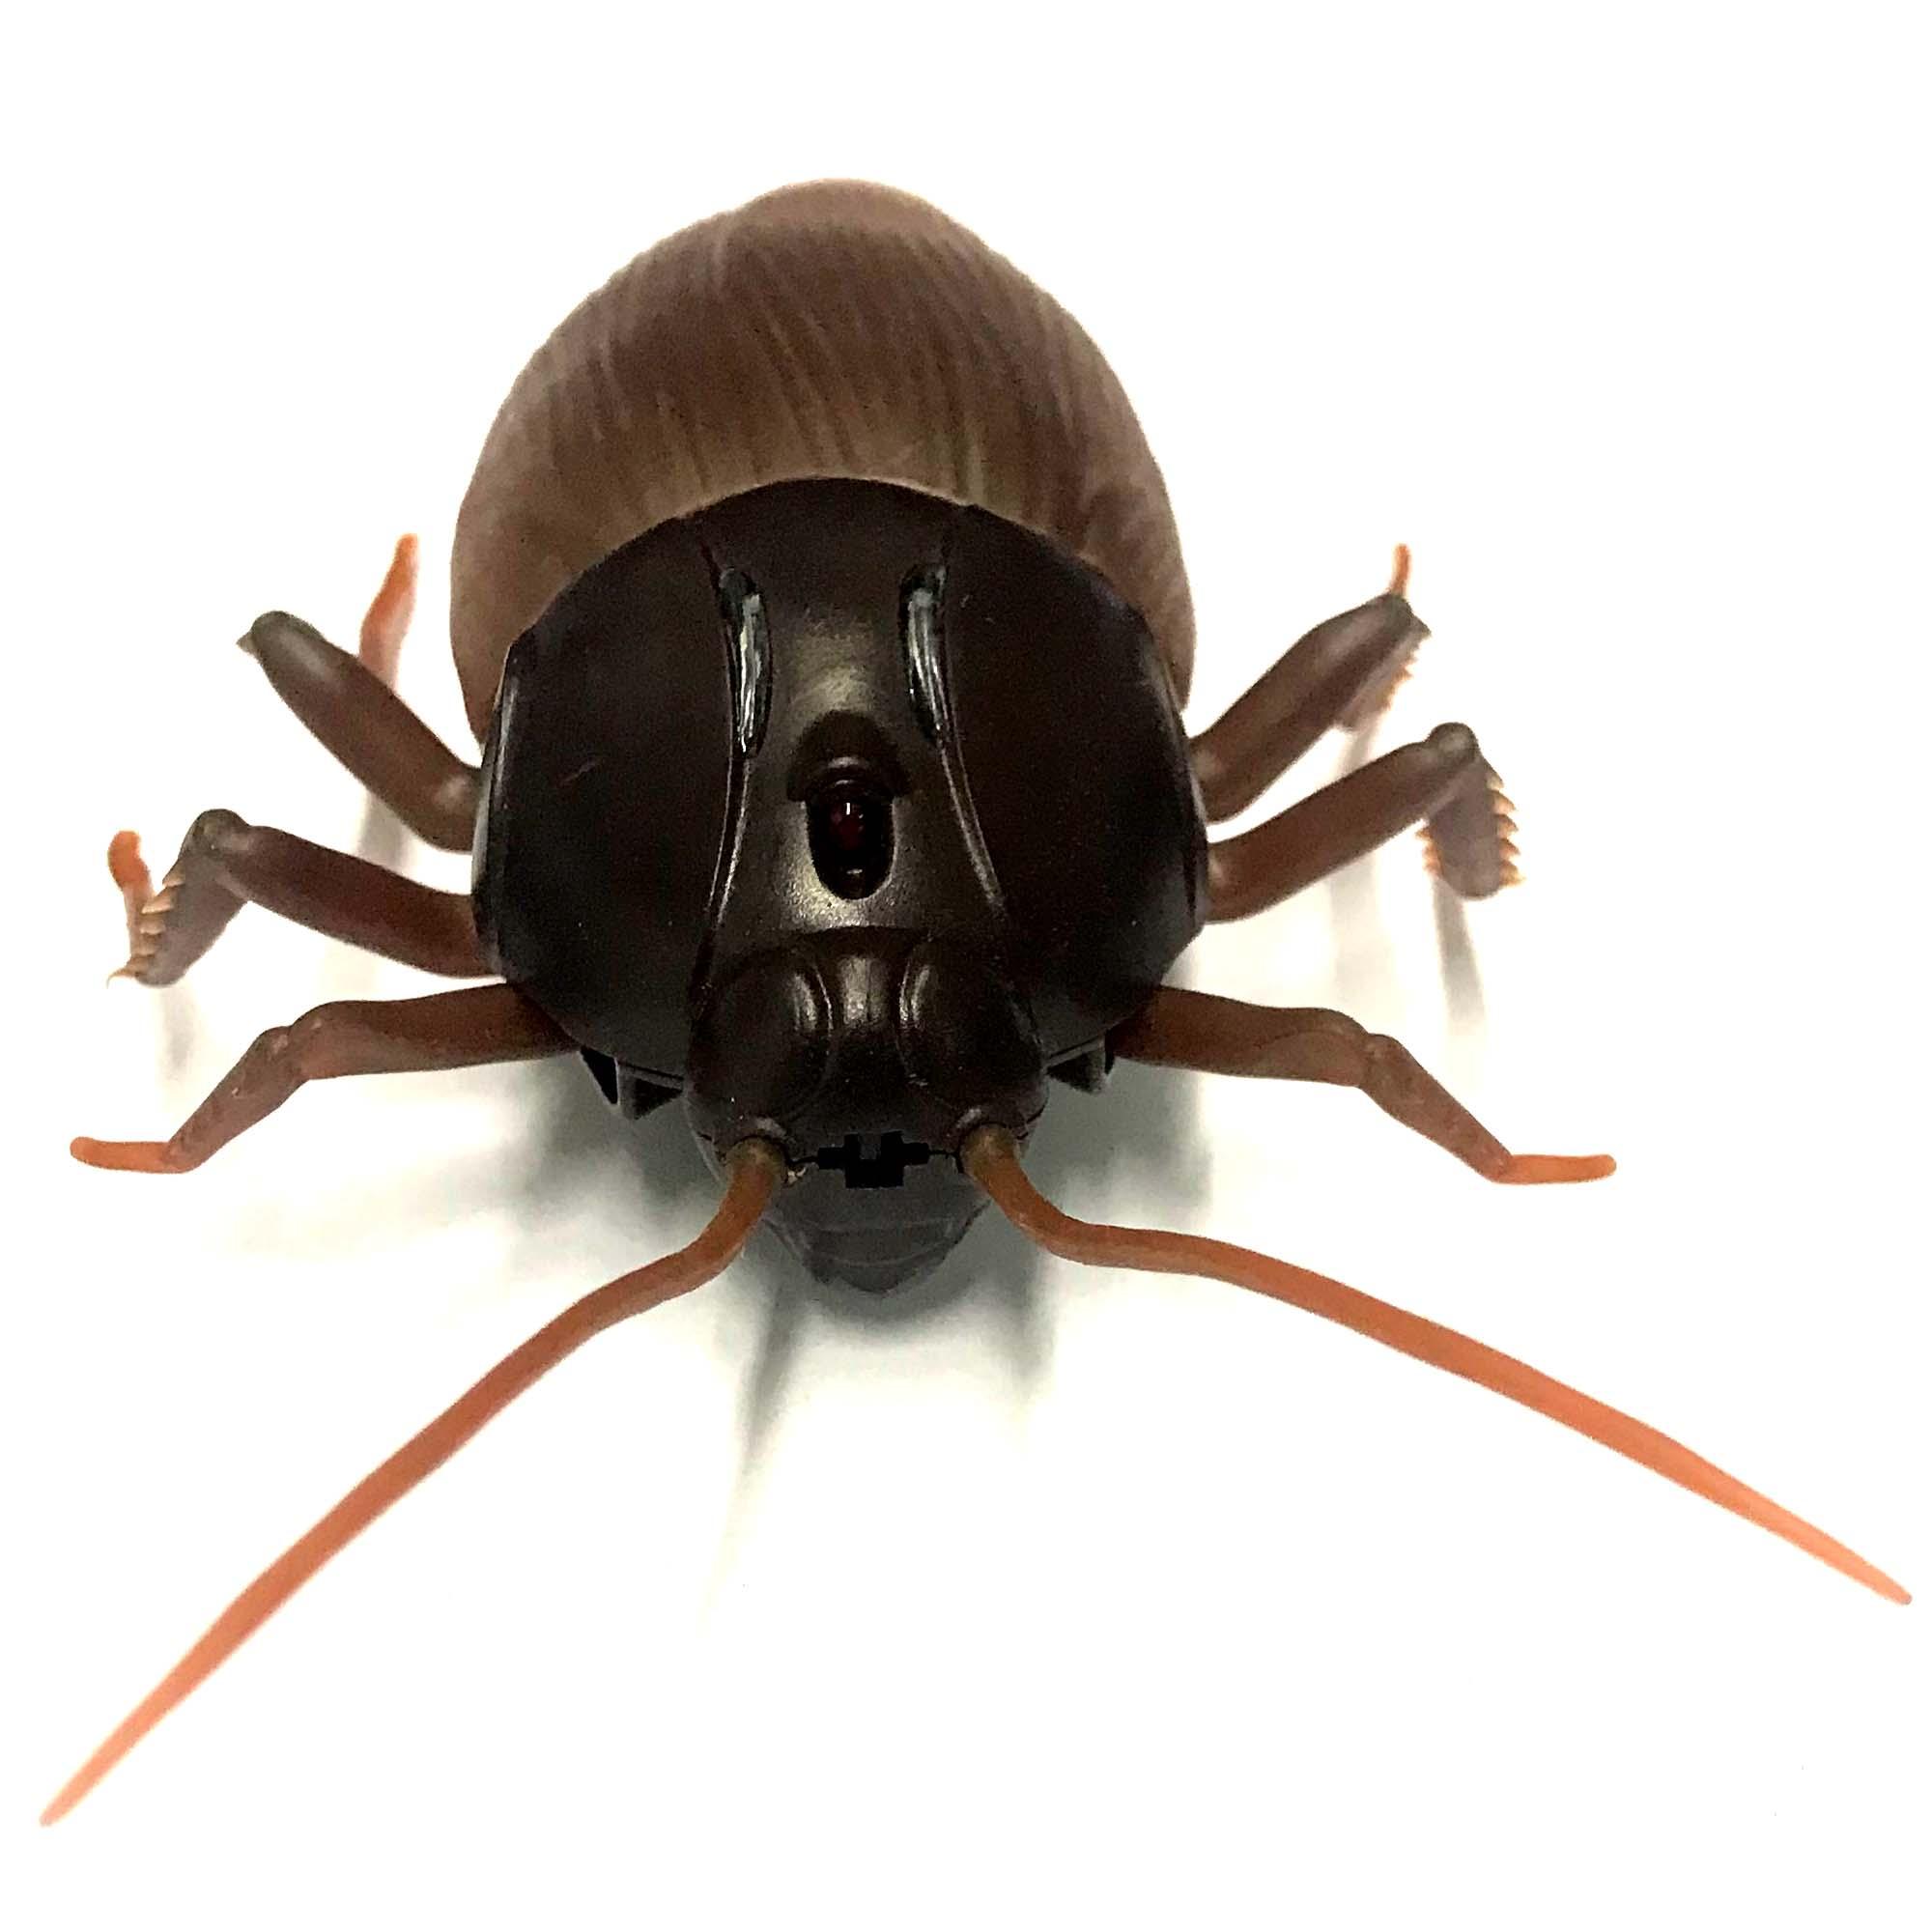 Infrarot Spielzeug Ferngesteuerte Riesen Kakerlake Tauschend Echt